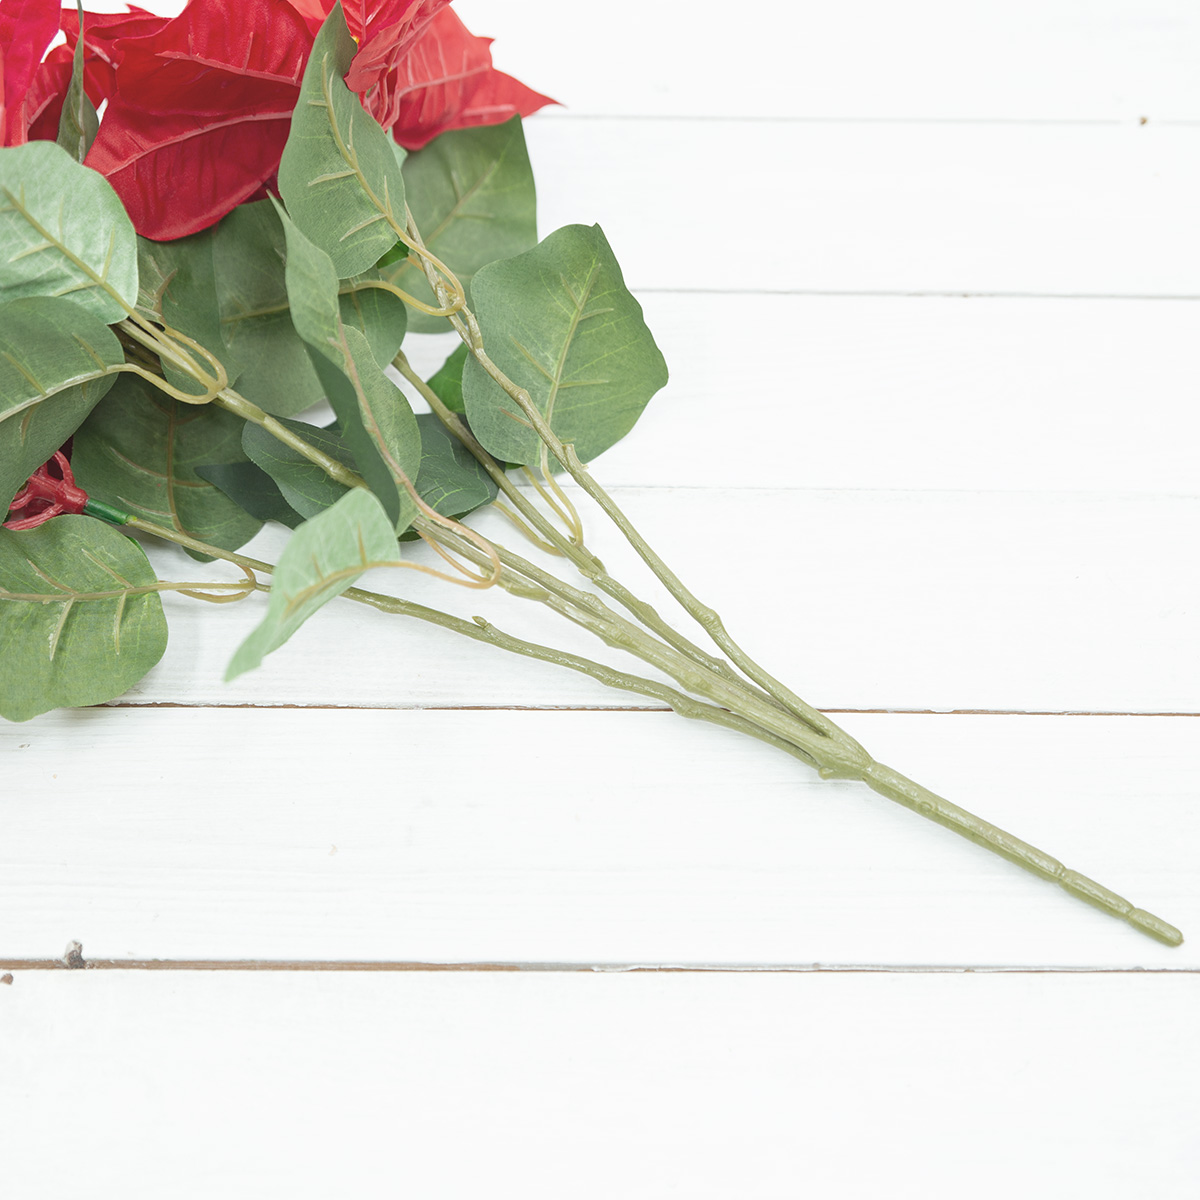 프라임 벨벳 포인세티아 꽃 부쉬 50cm 실크플라워 조화 - 아티플라자, 12,000원, 조화, 부쉬